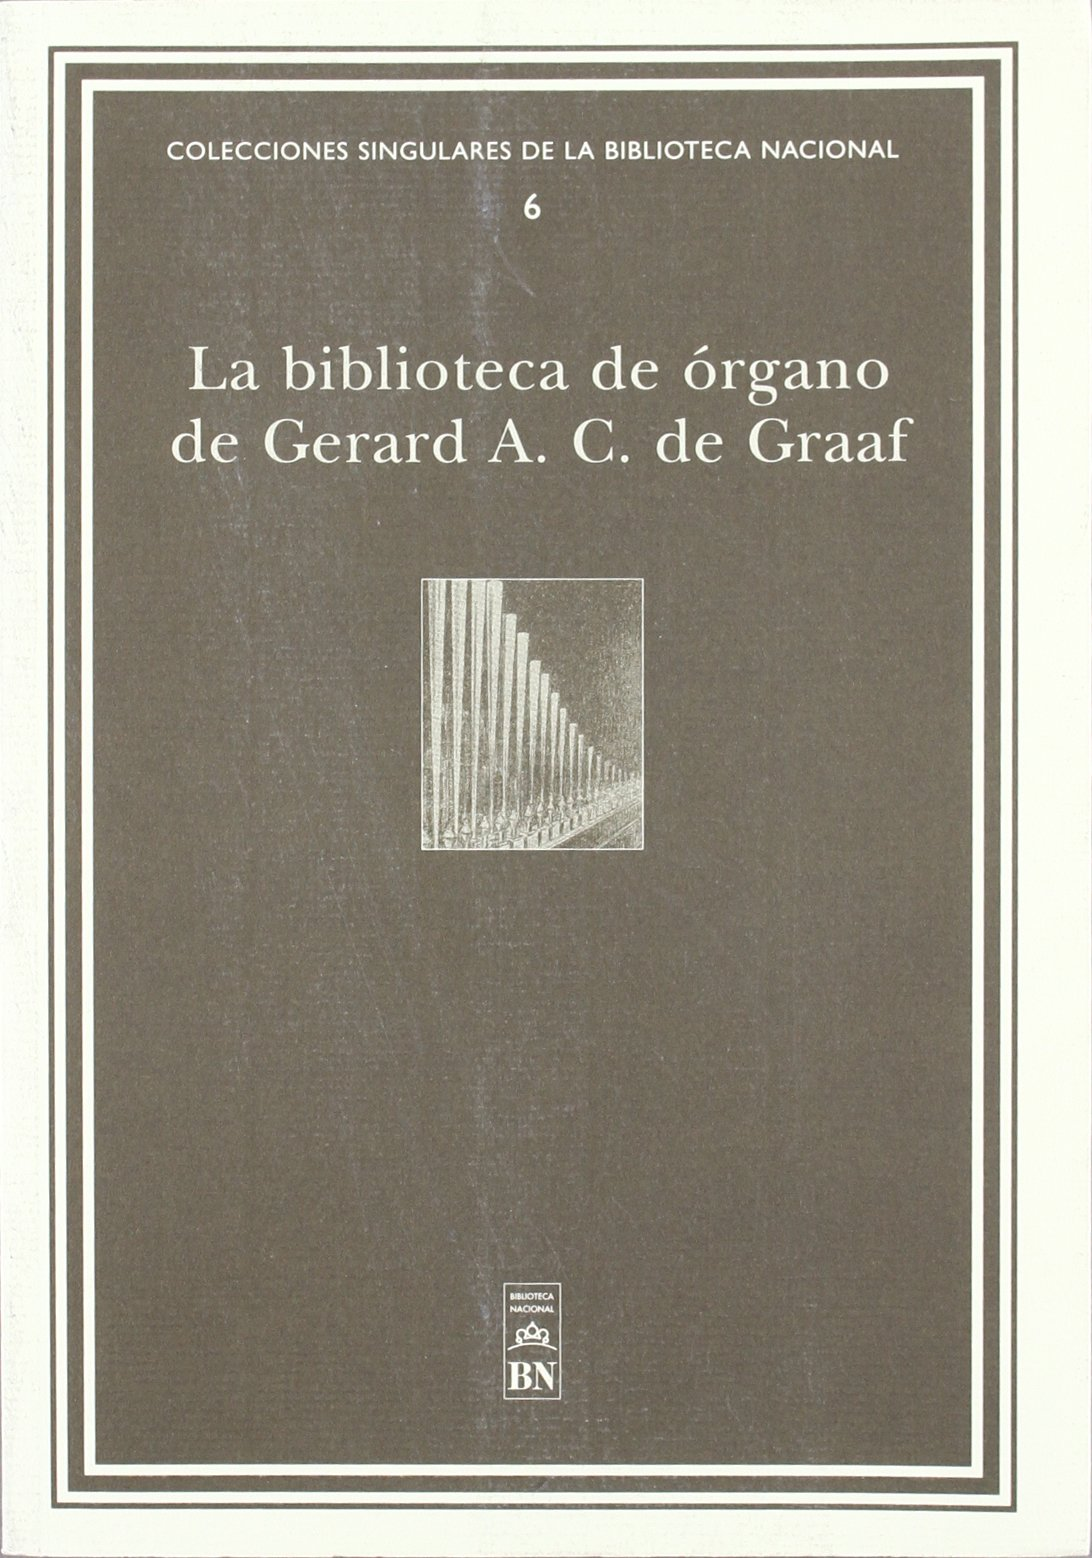 La Biblioteca de órgano de Gerard A. C. de Graaf (Colecciones singulares de la Biblioteca Nacional) Tapa blanda – 20 jun 2018 Vv.Aa 8488699778 AVH Archiving